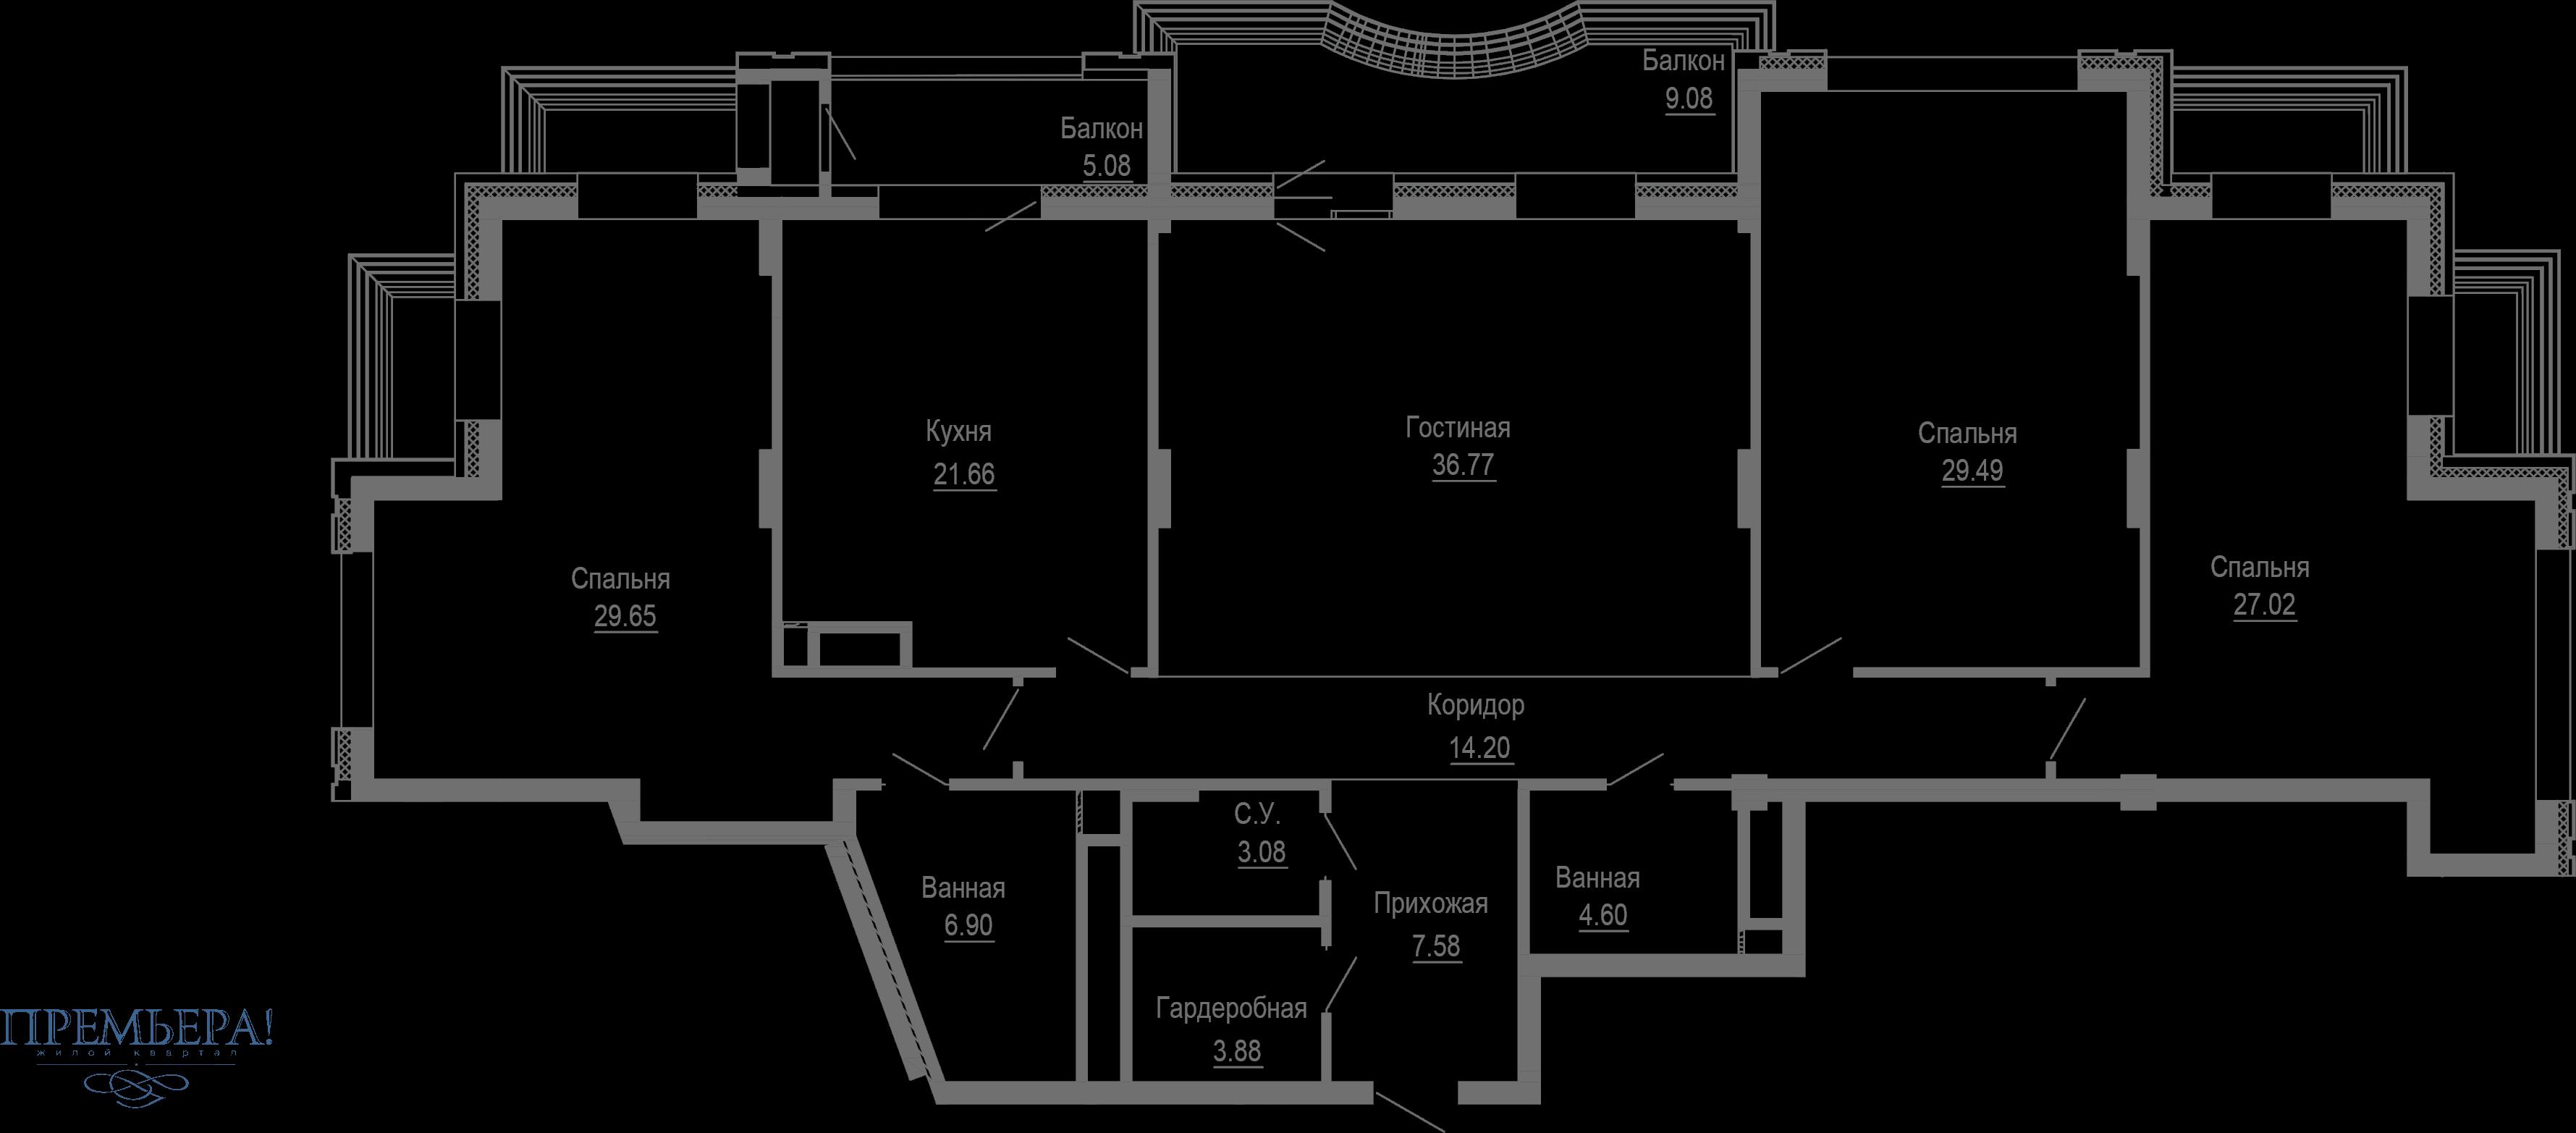 Квартира 100